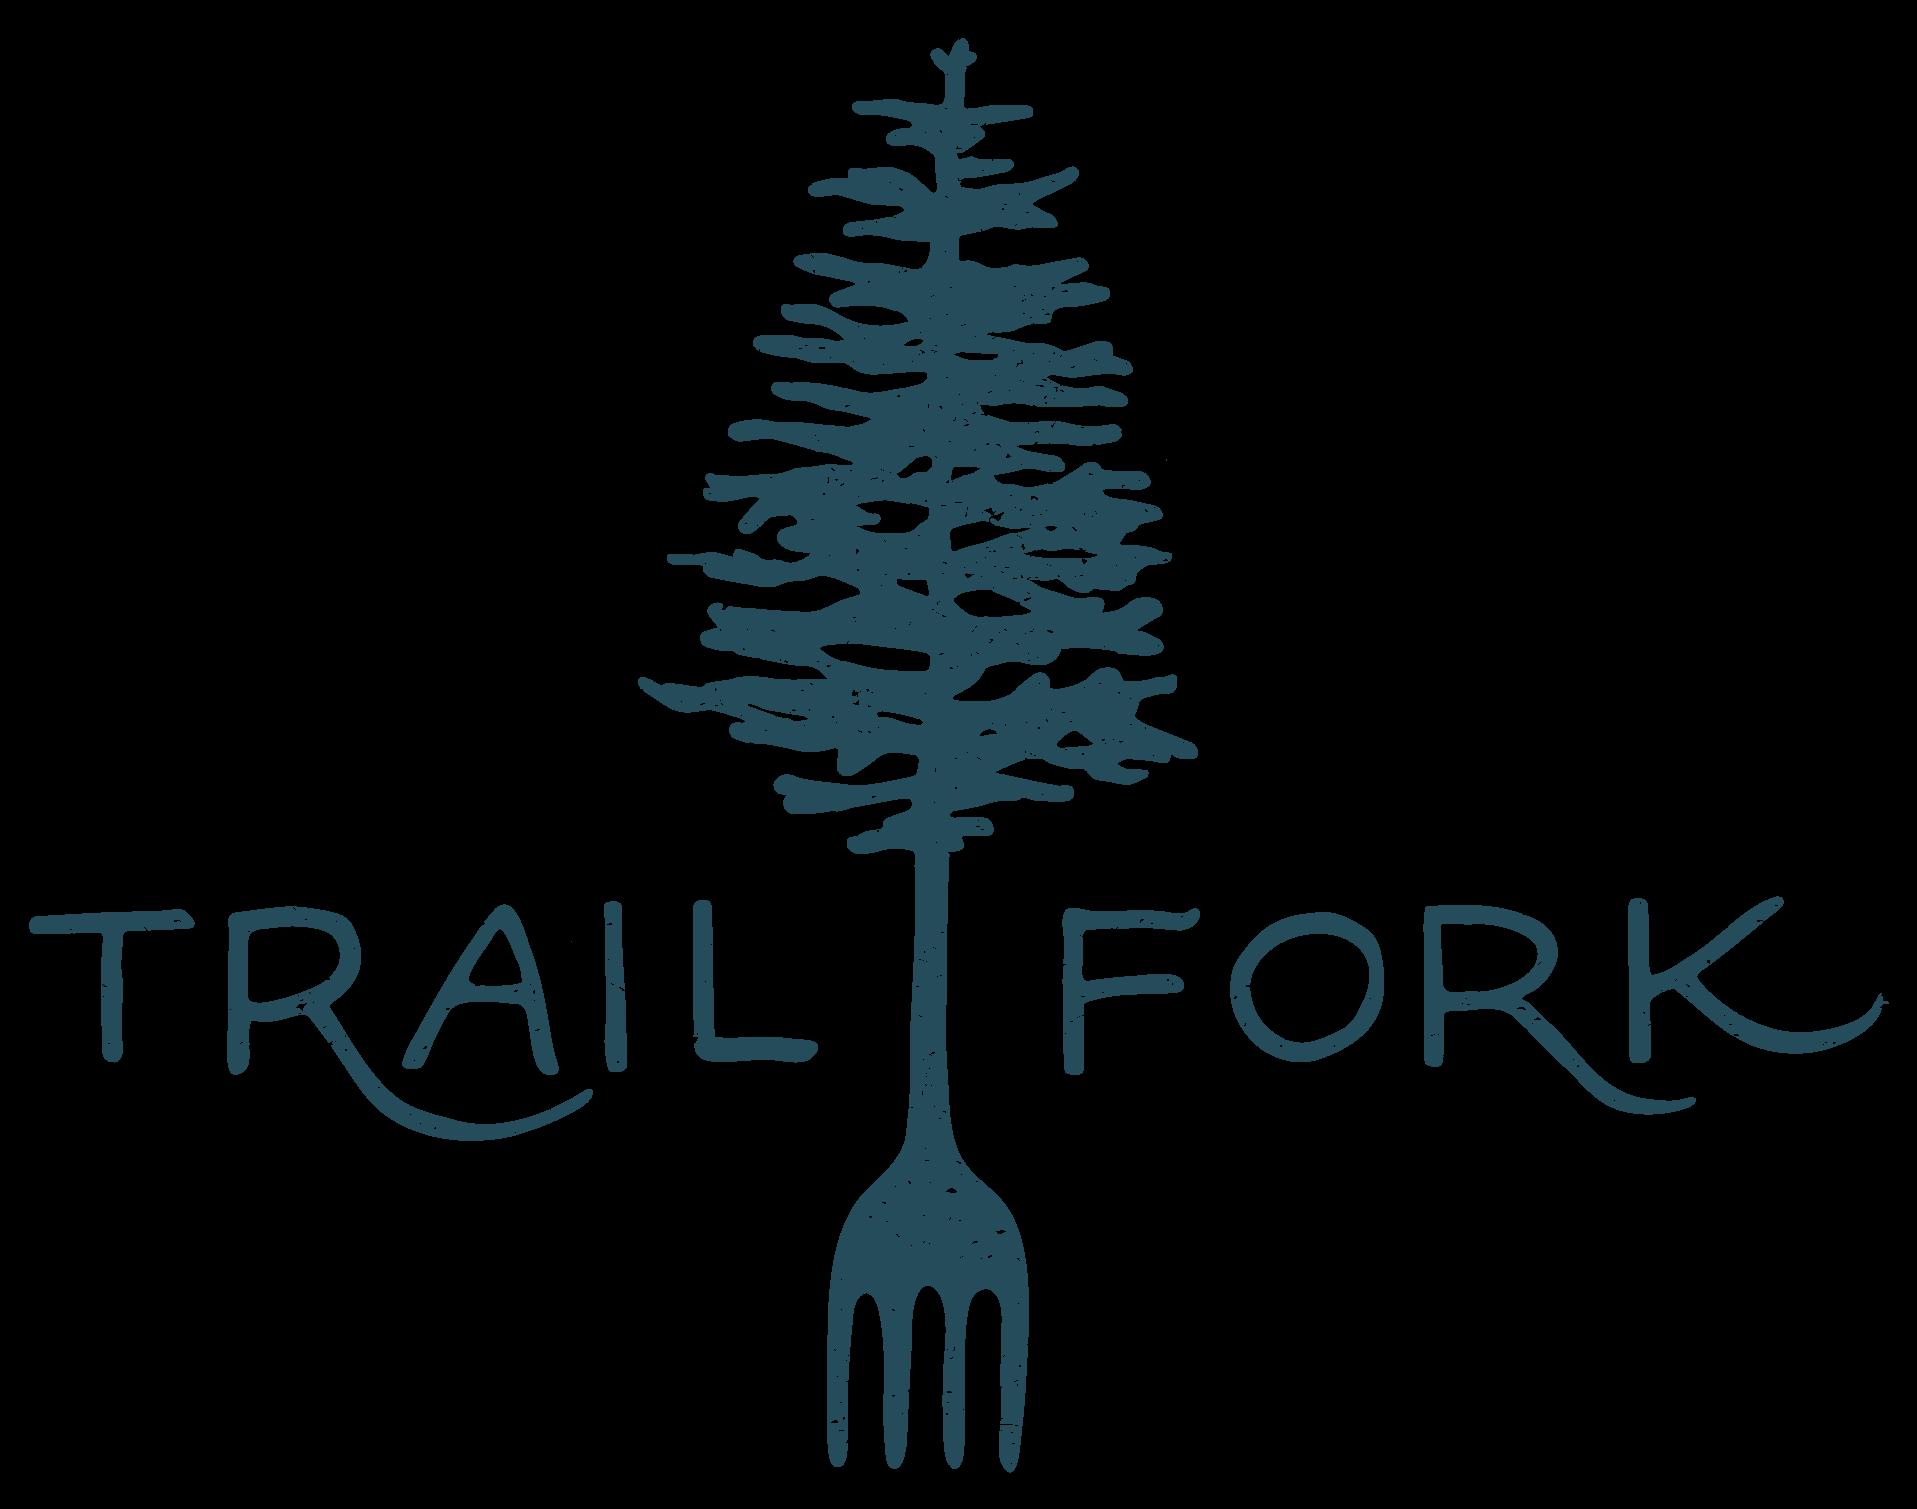 MyTrailfork Logo PNG